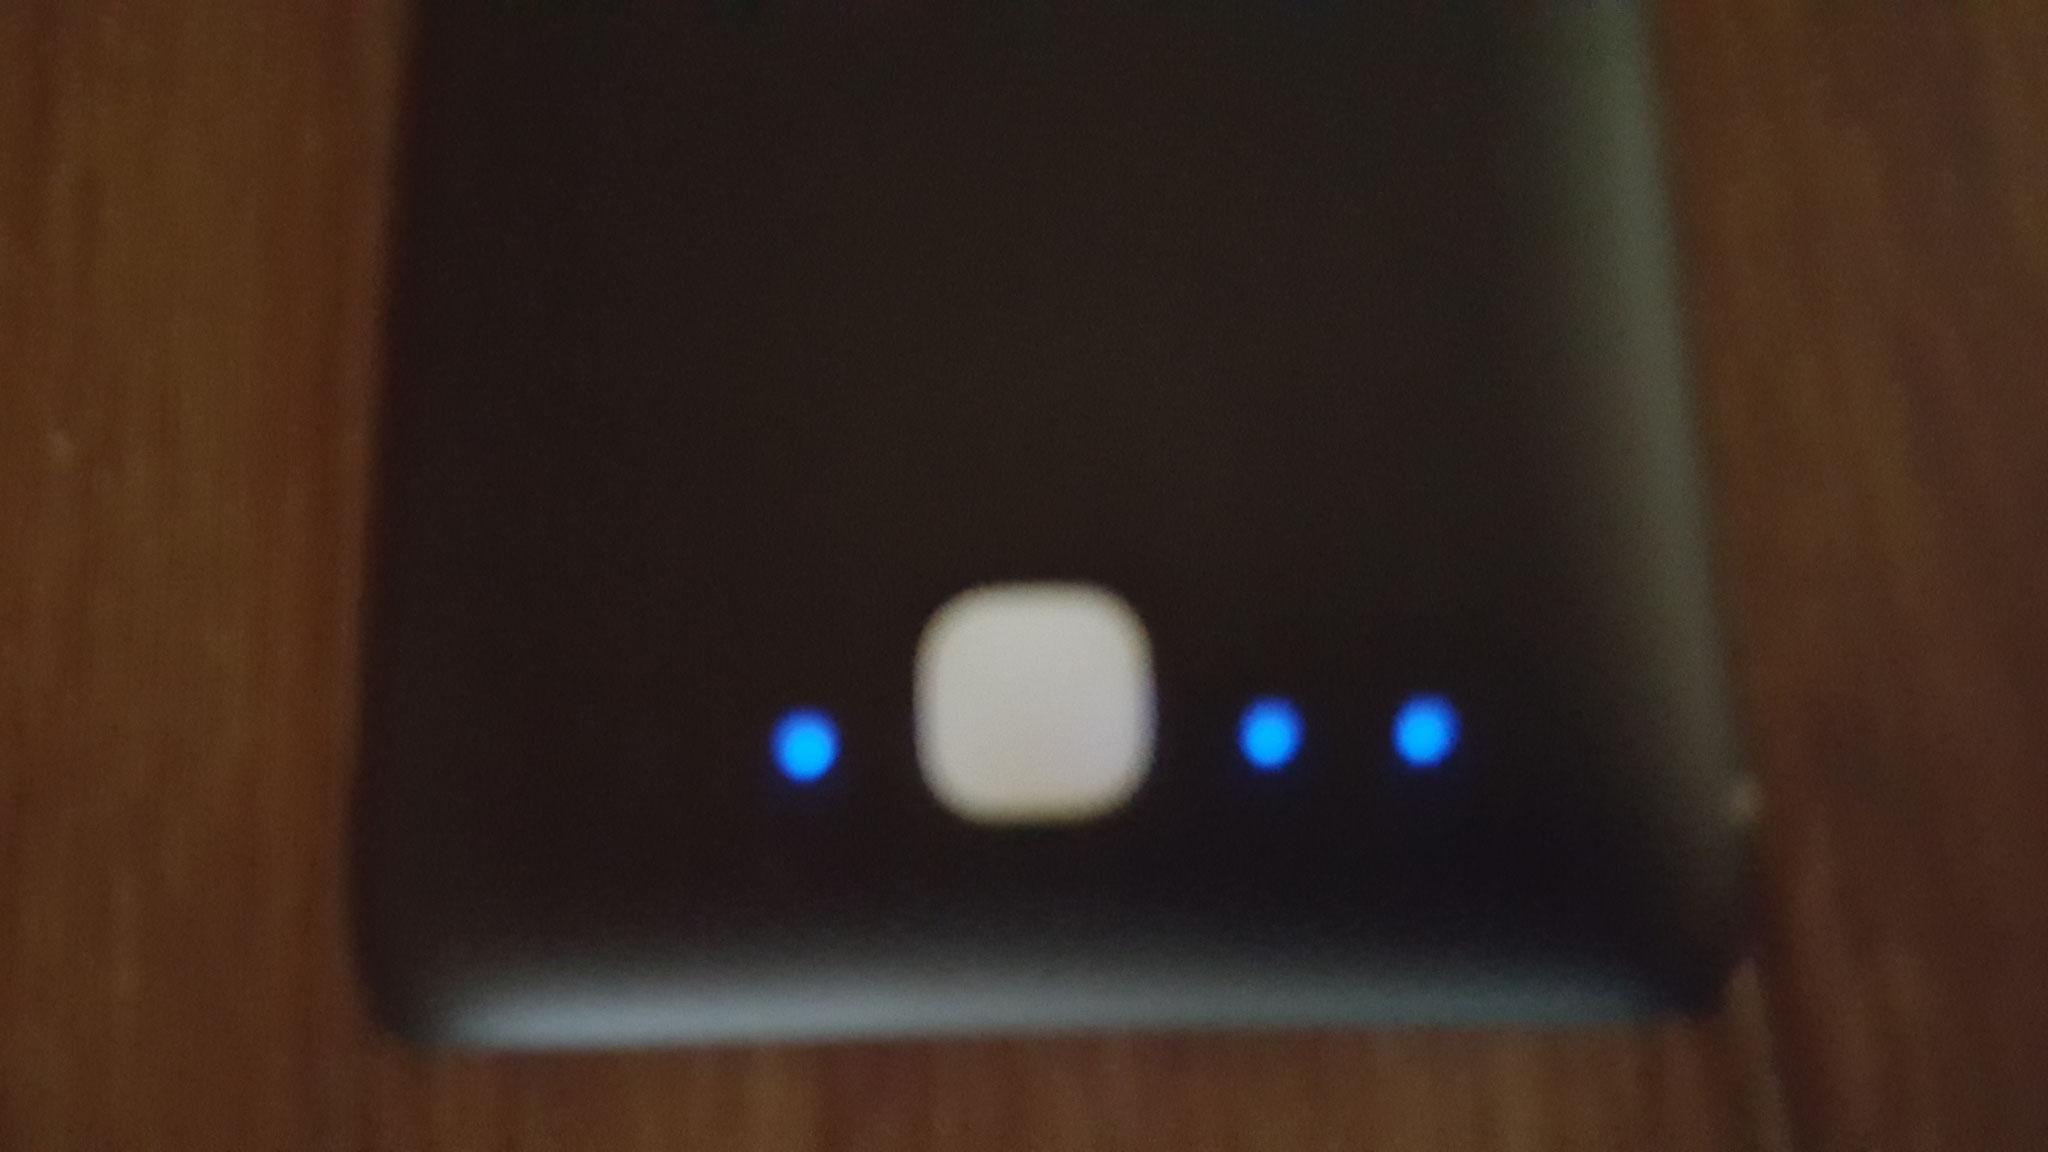 LED für Ladestandsanzeige